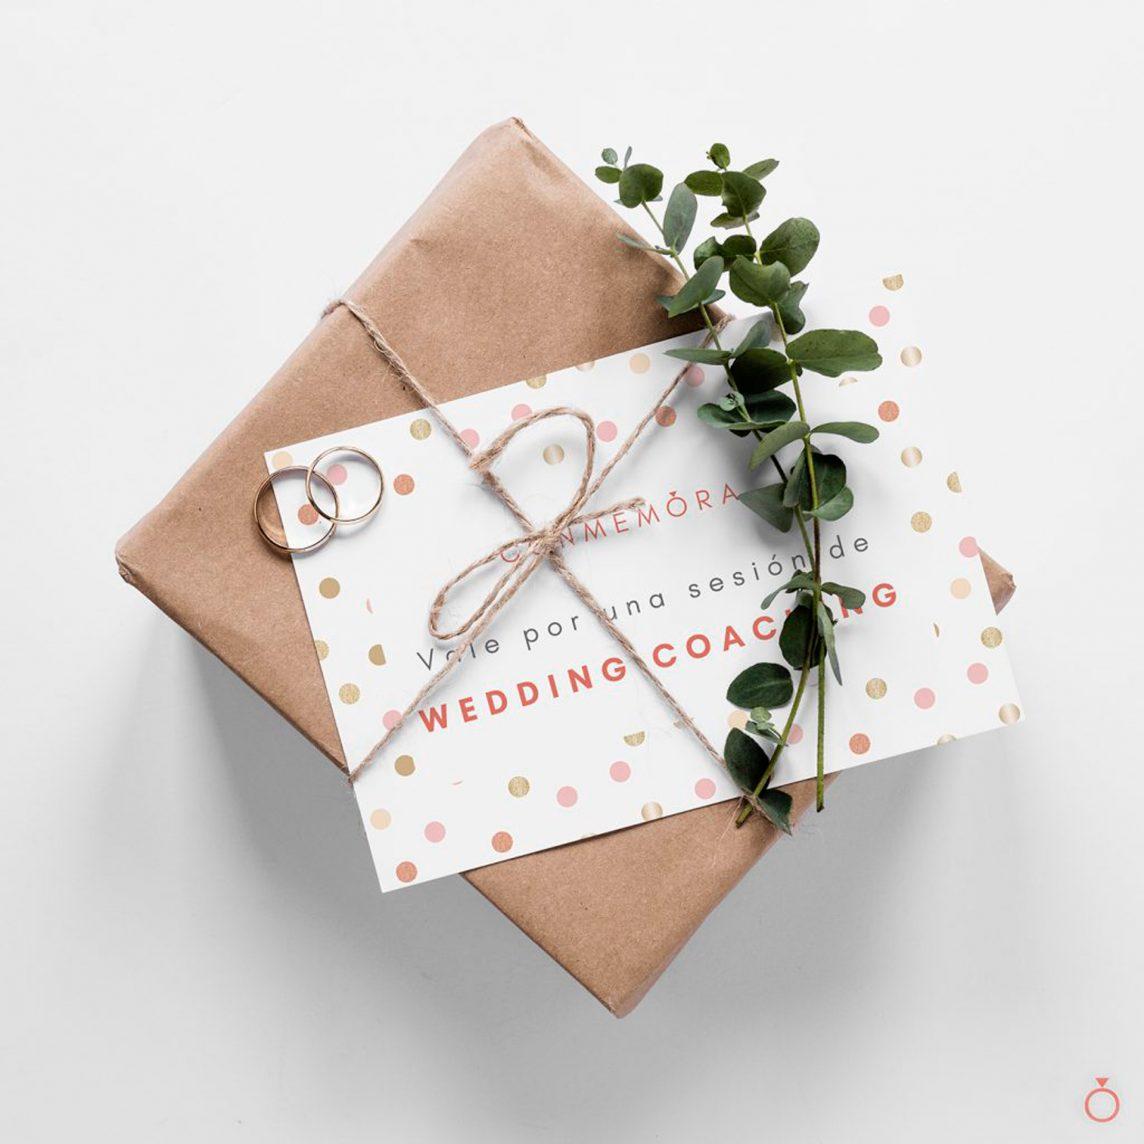 Wedding Coaching, el regalo que todas las novias desean